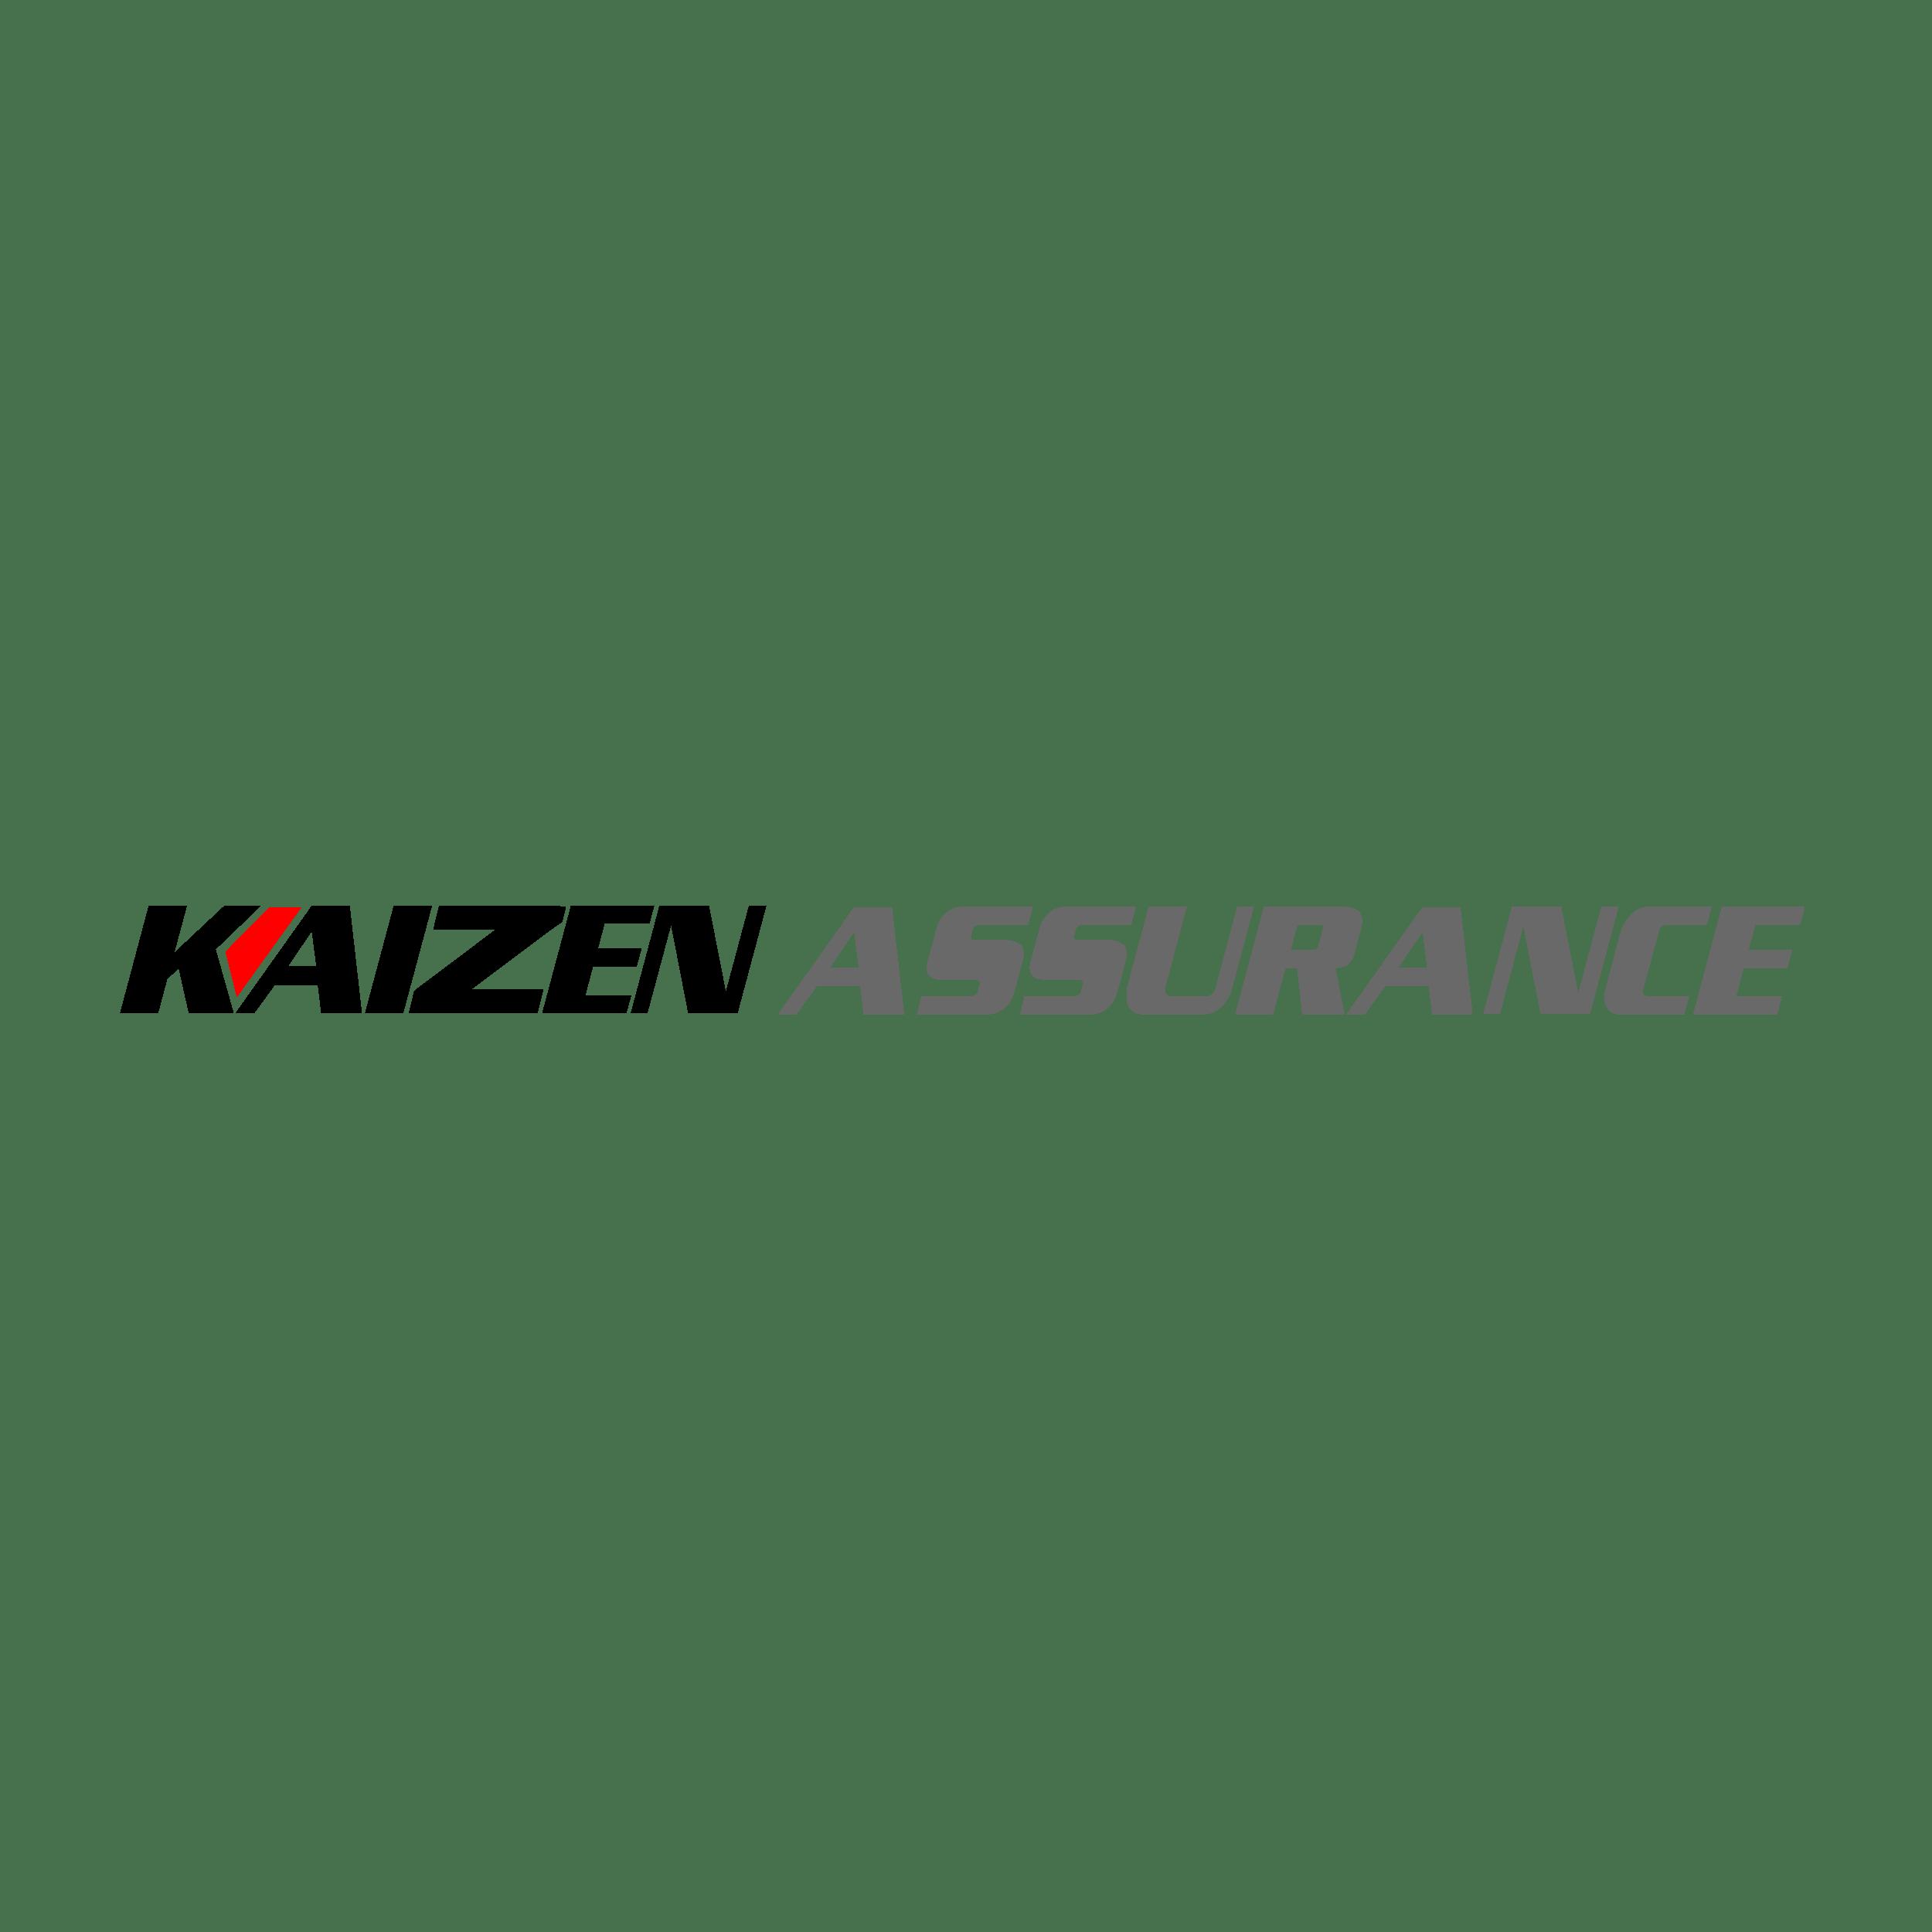 Kaizen Assurance